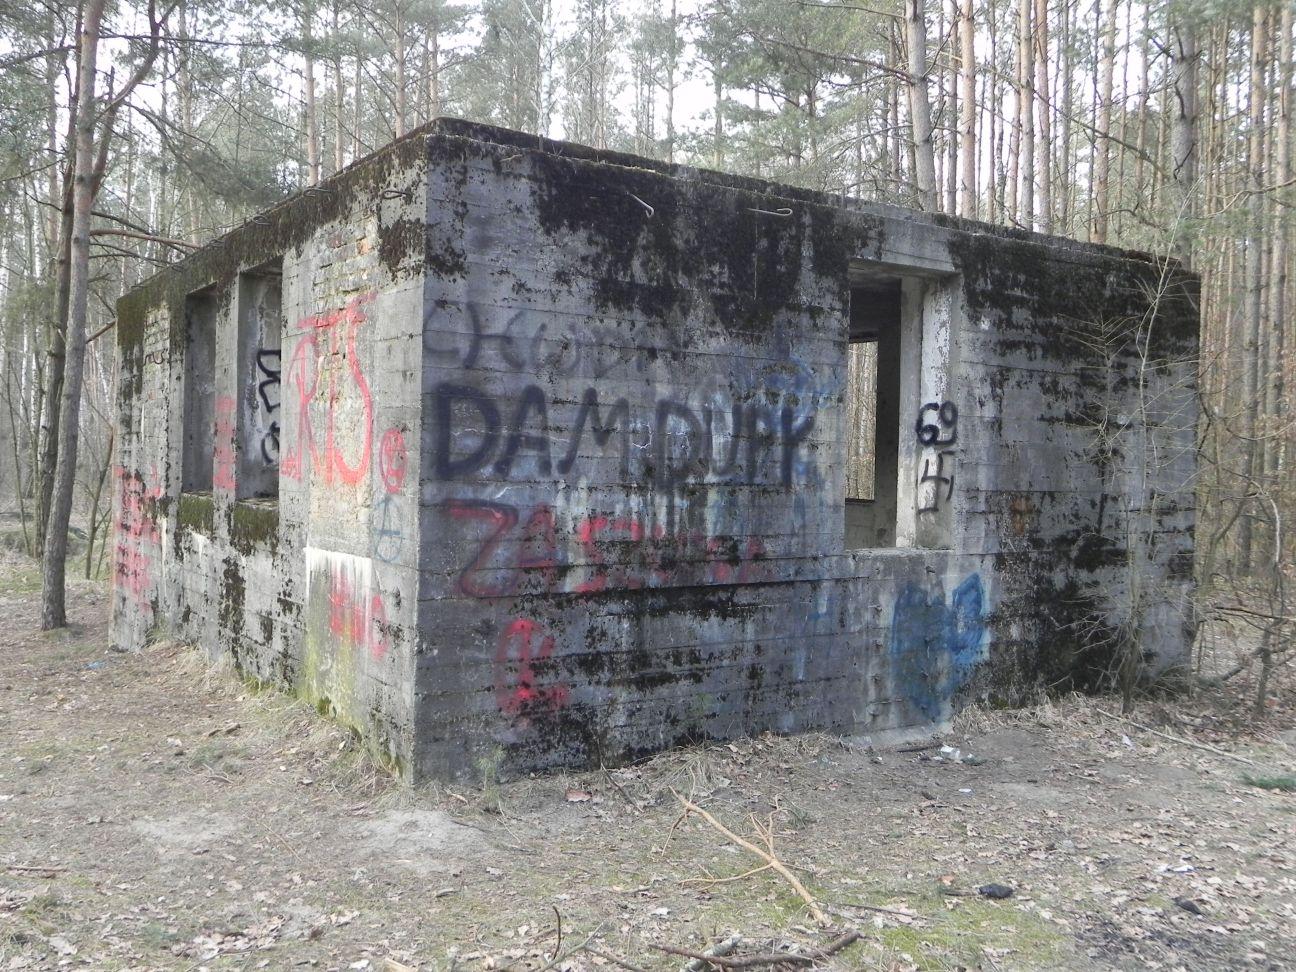 Jeleń - Bunkier Uzdatniania Wody (48)